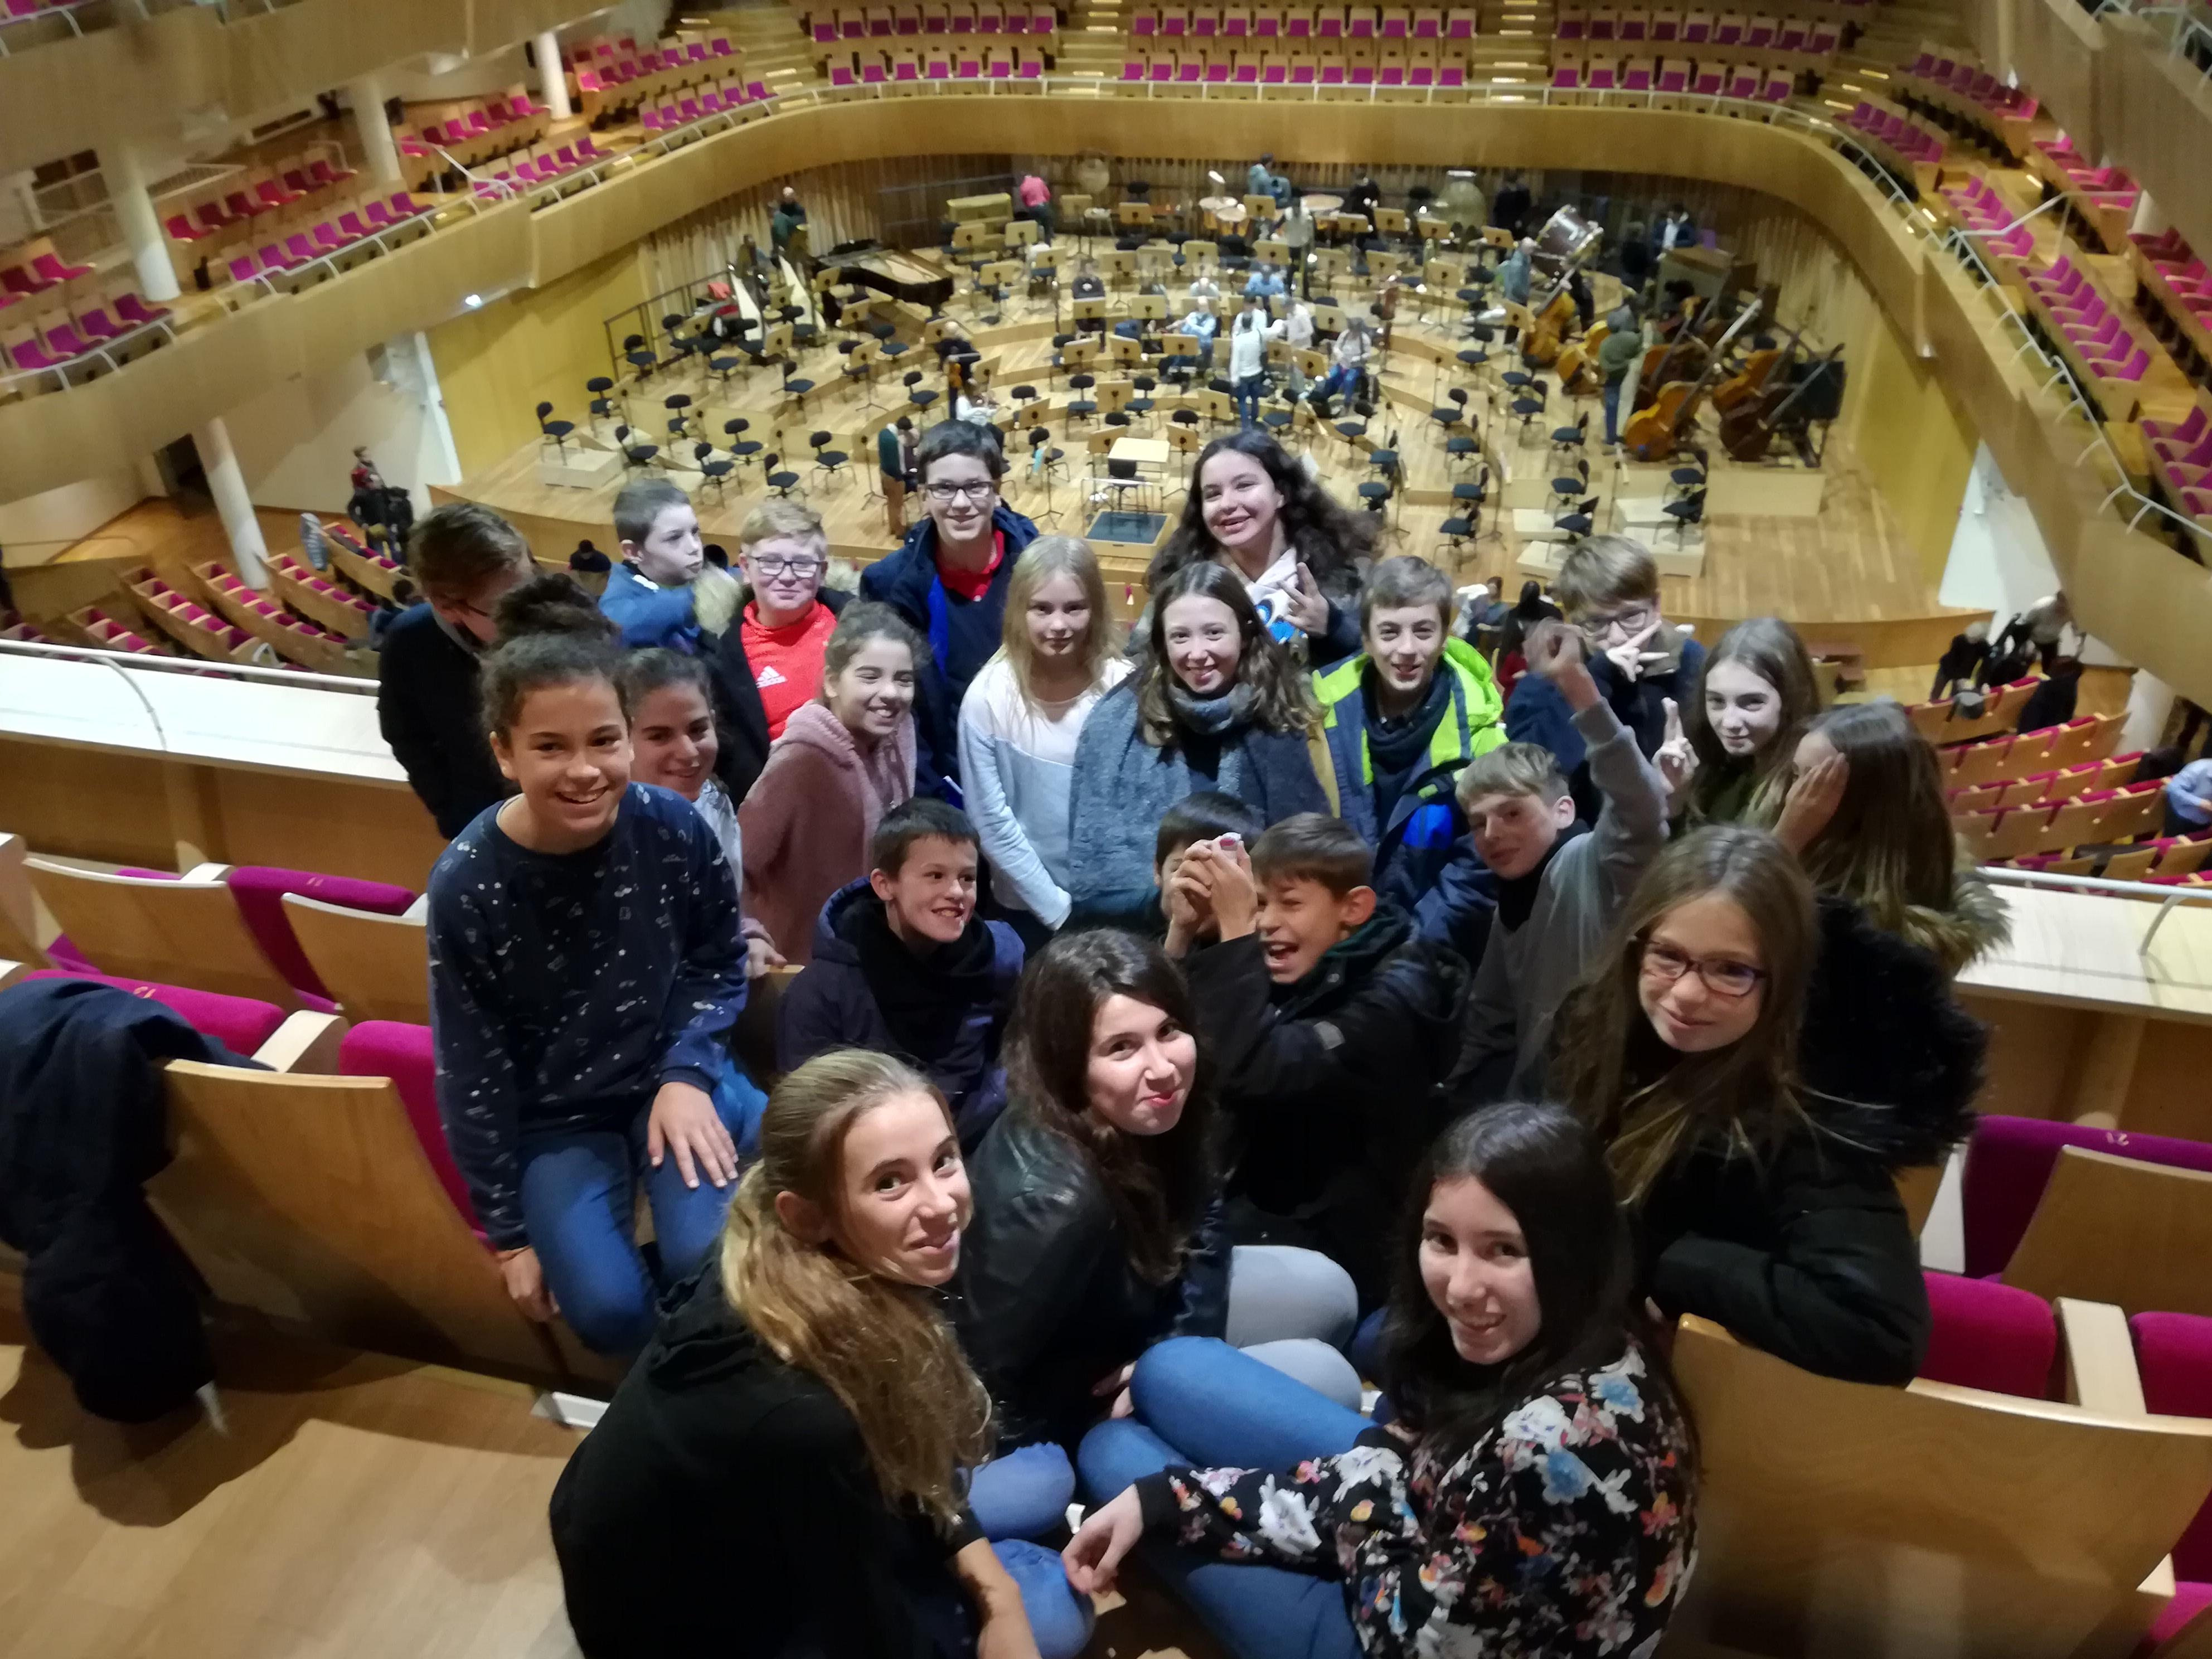 Reprise de Vegedream et orchestre symphonique – retour sur l'année musicale des 5eI